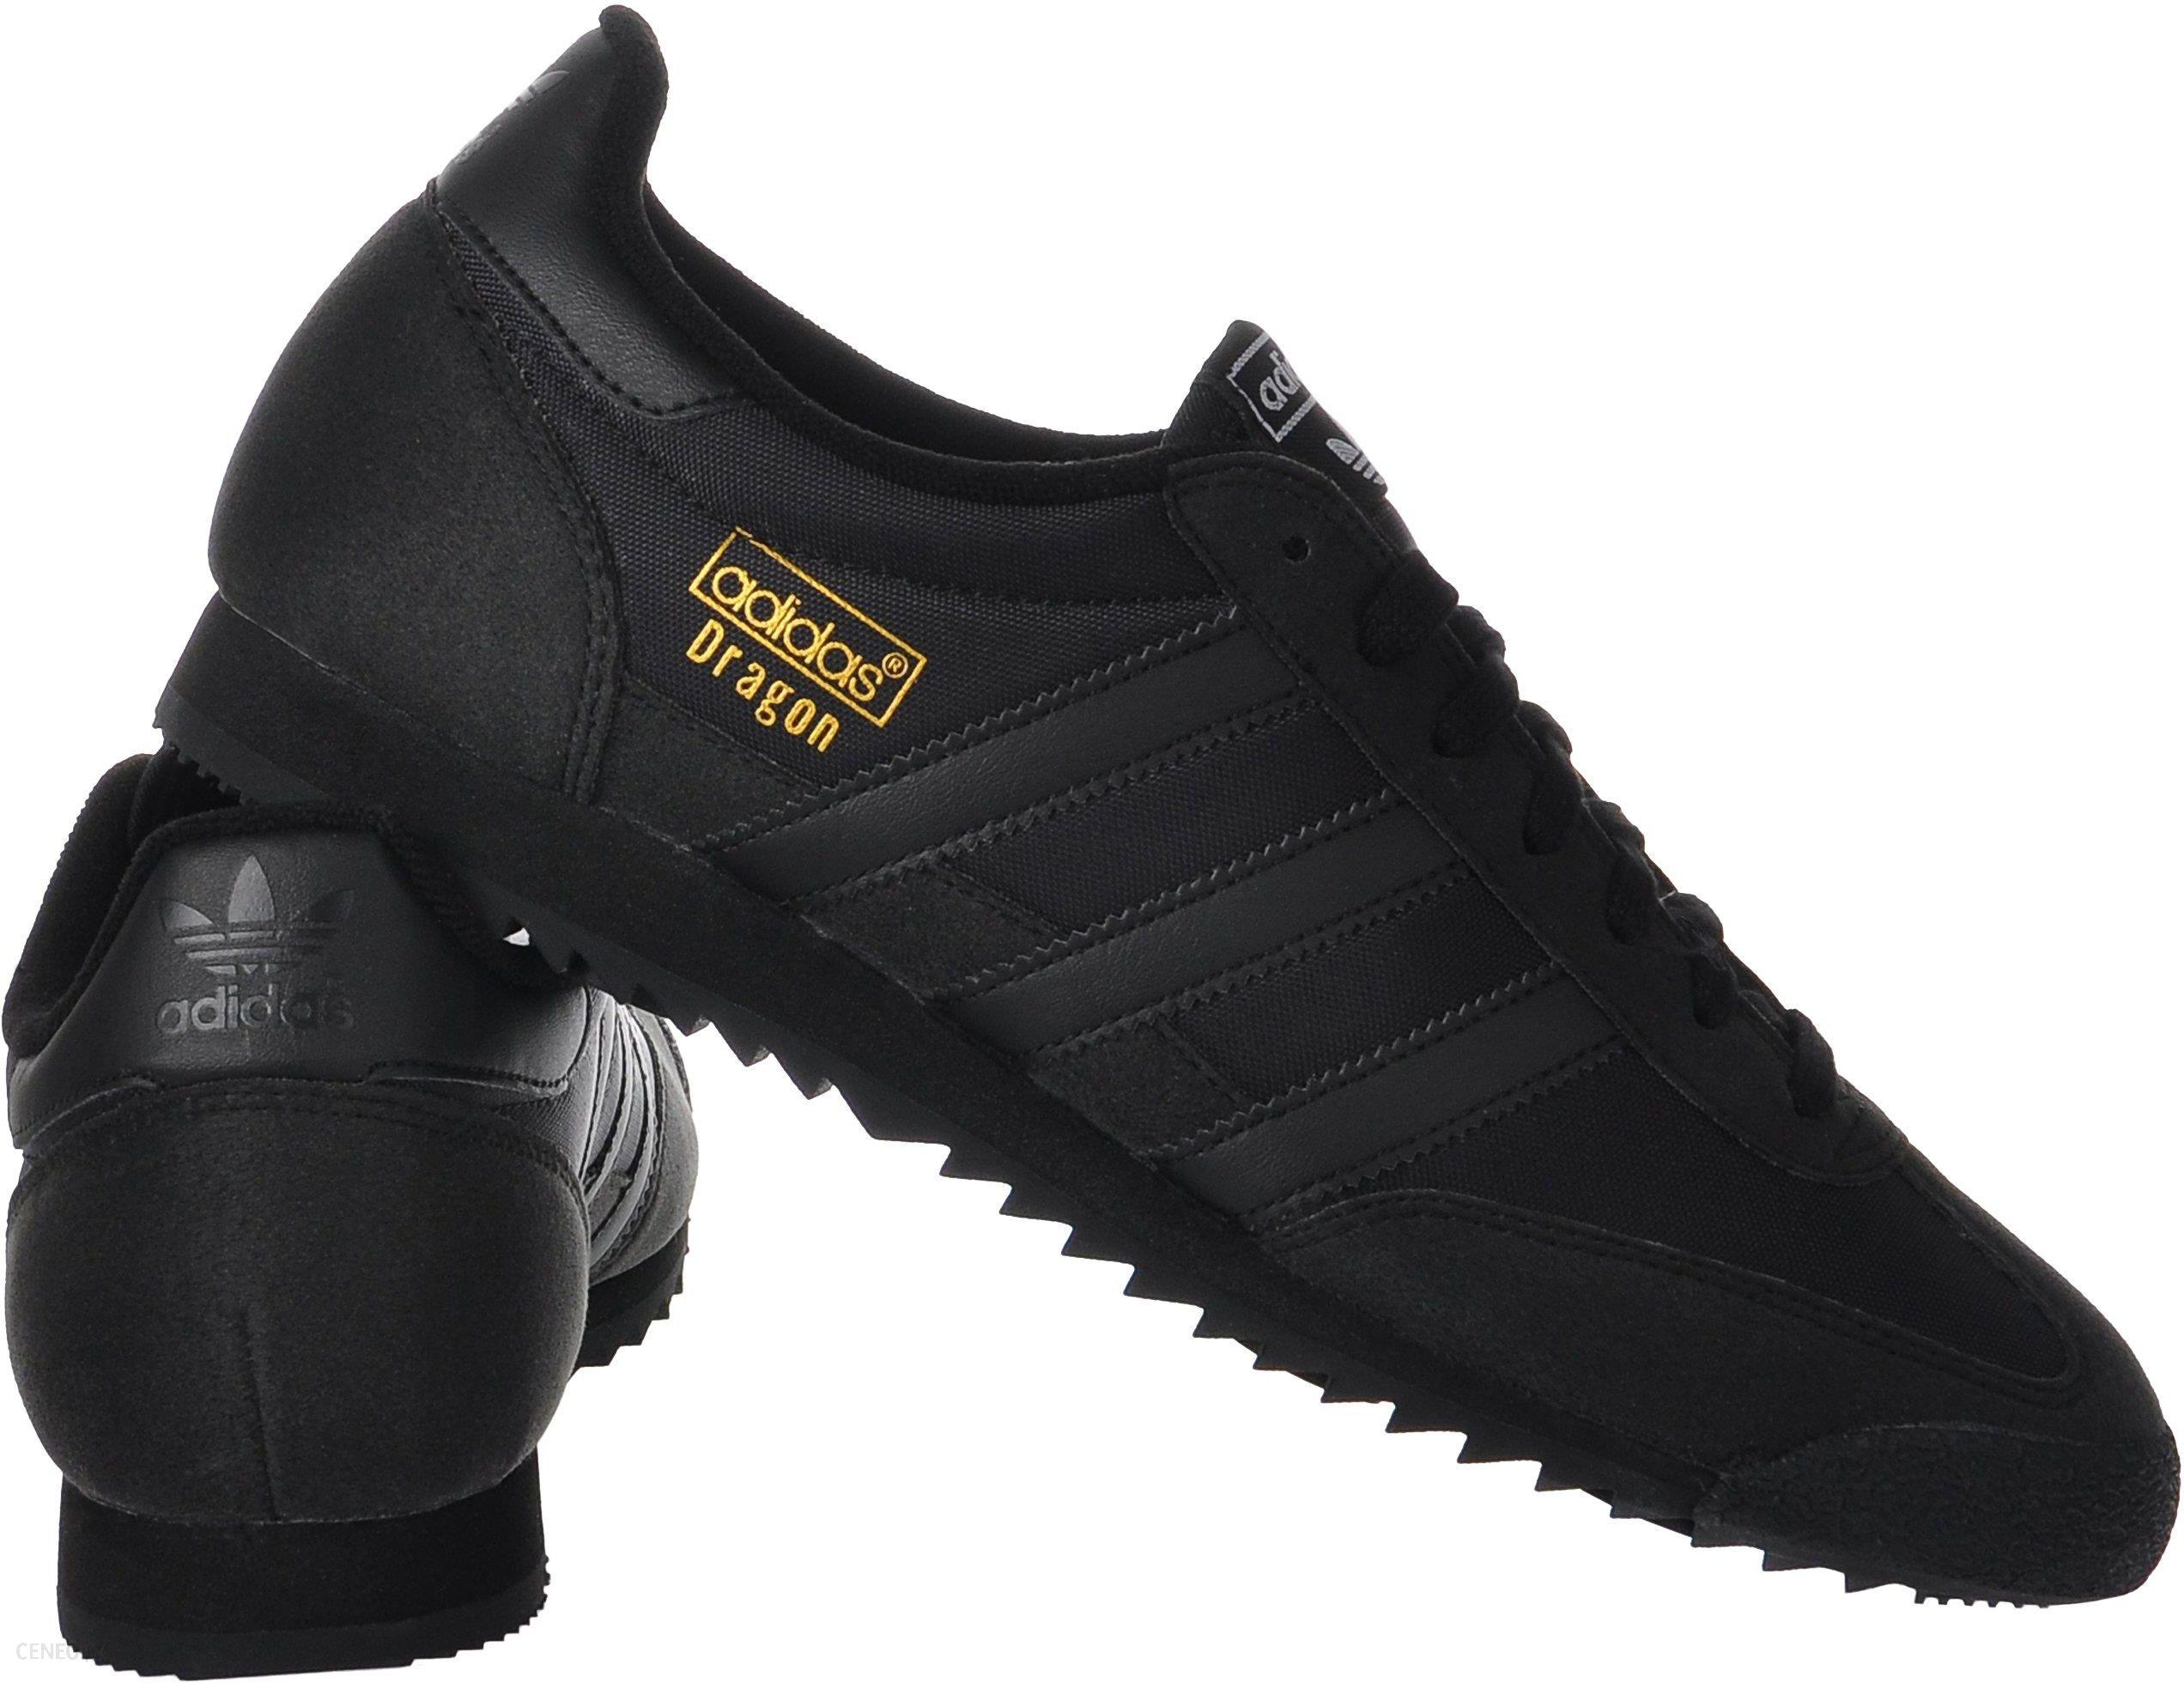 Adidas Dragon BY9702 Buty Męskie Czarne r.47 13 Ceny i opinie Ceneo.pl